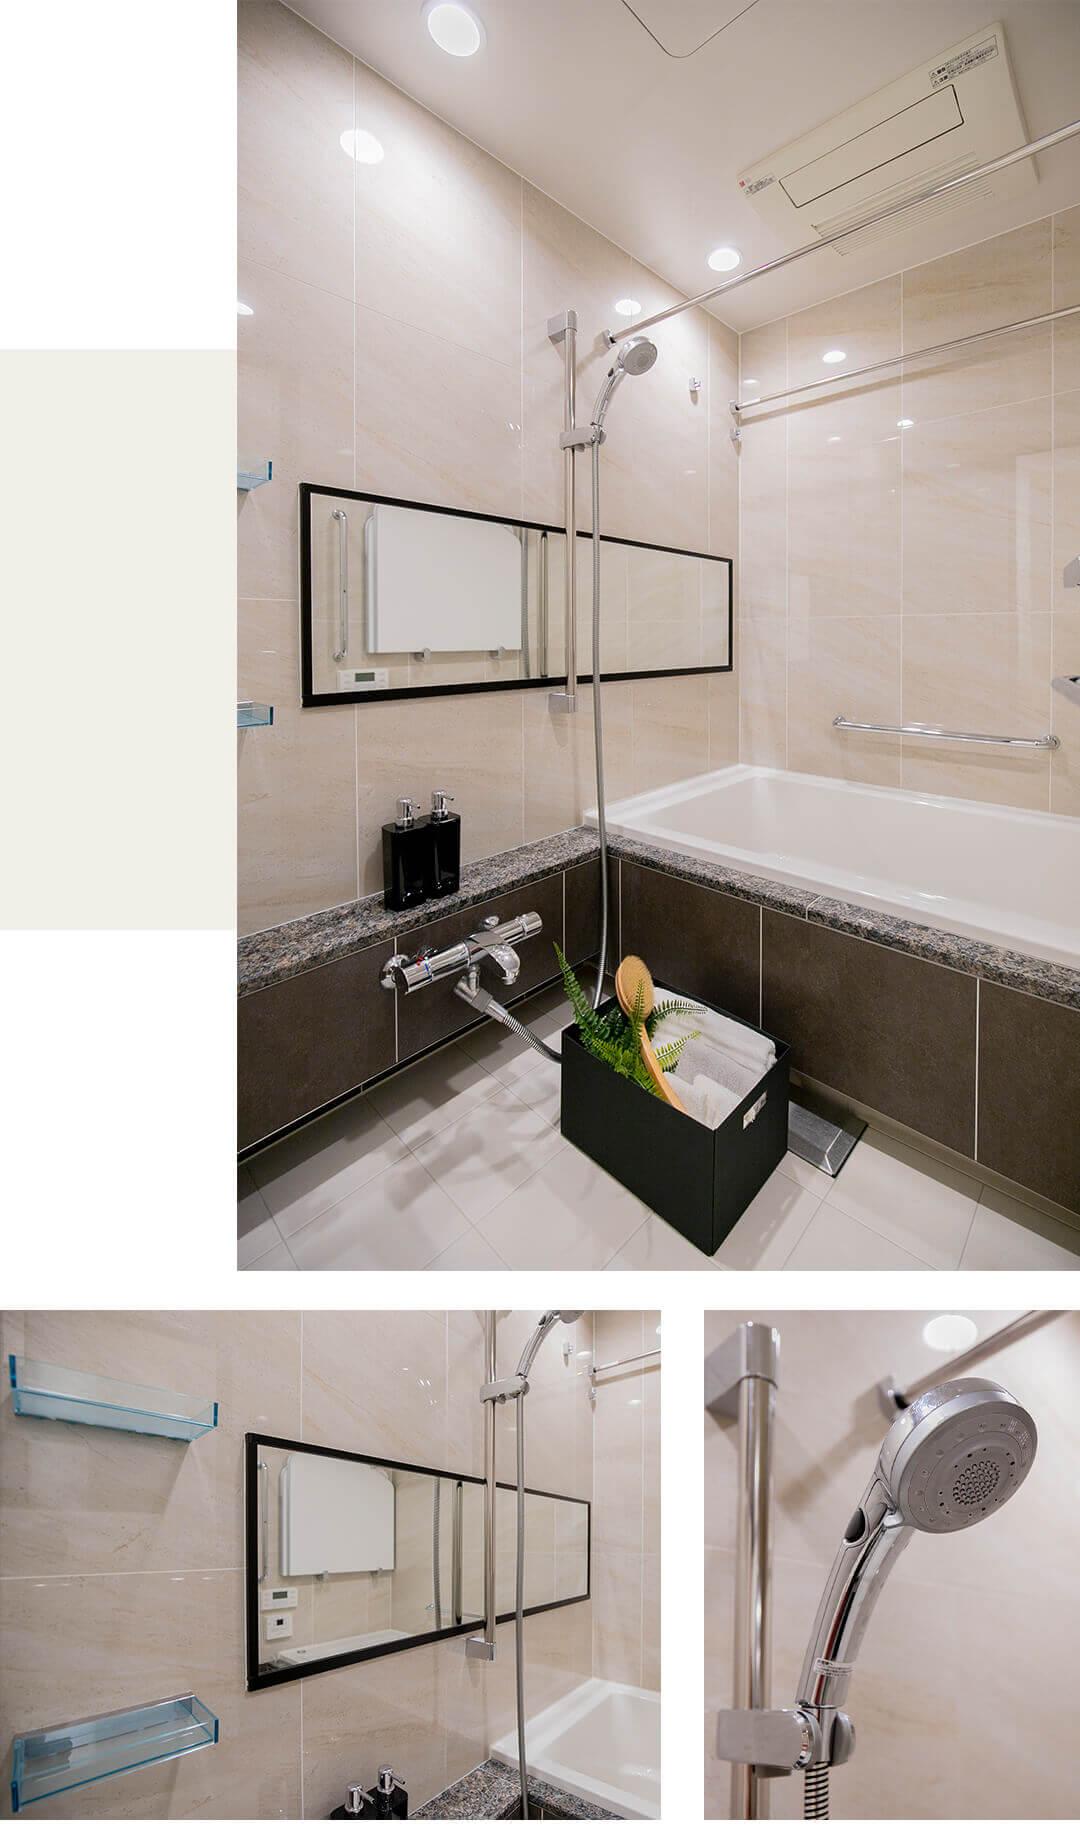 プラウド恵比寿南の浴室